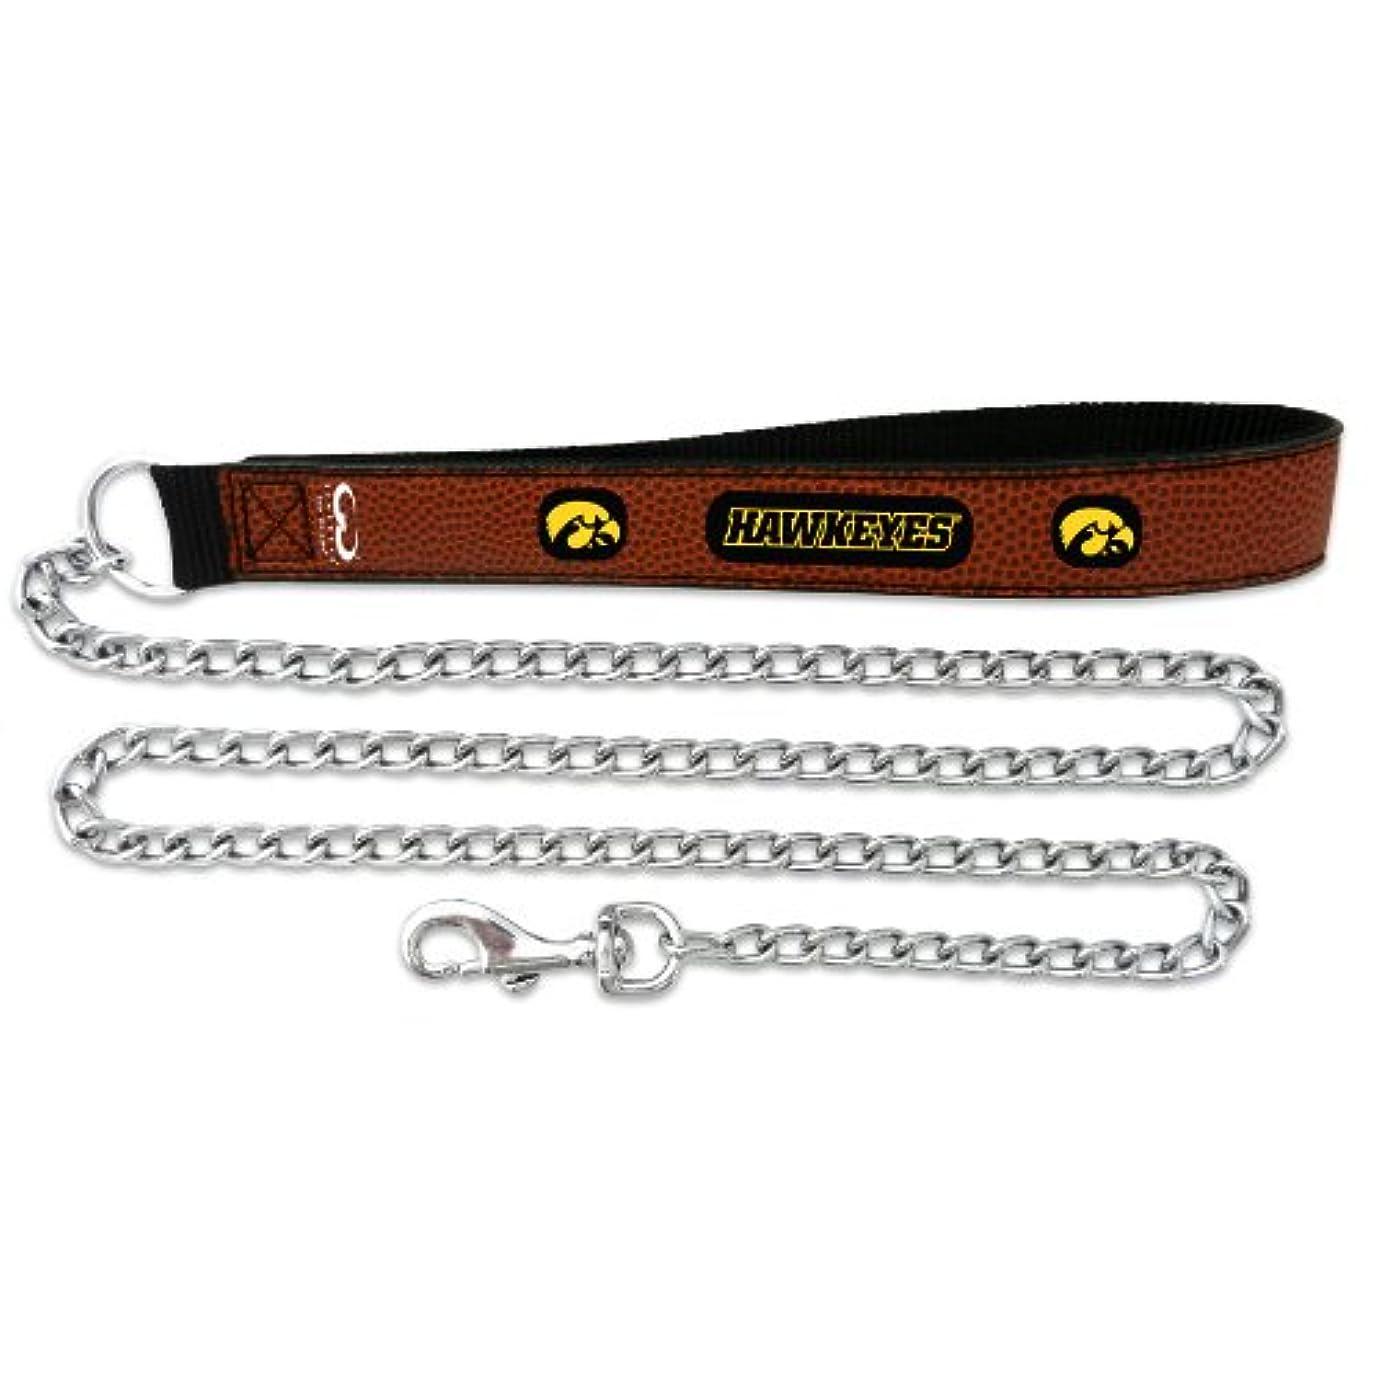 ささやきうがい薬うんざりIowa Hawkeyes Football Leather 2.5mm Chain Leash - M